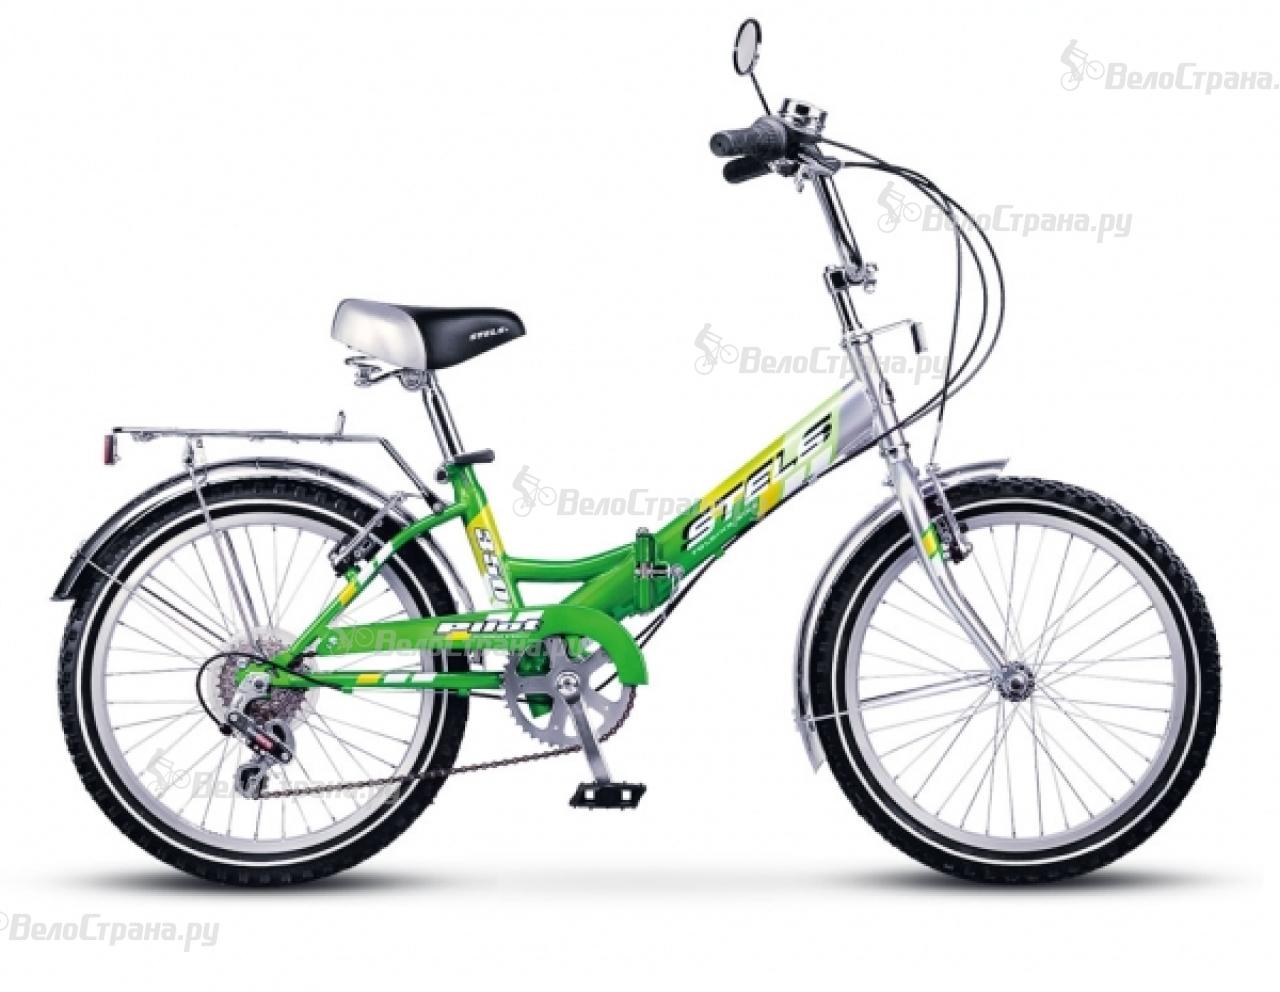 цена на Велосипед Stels Pilot 350 (2013)